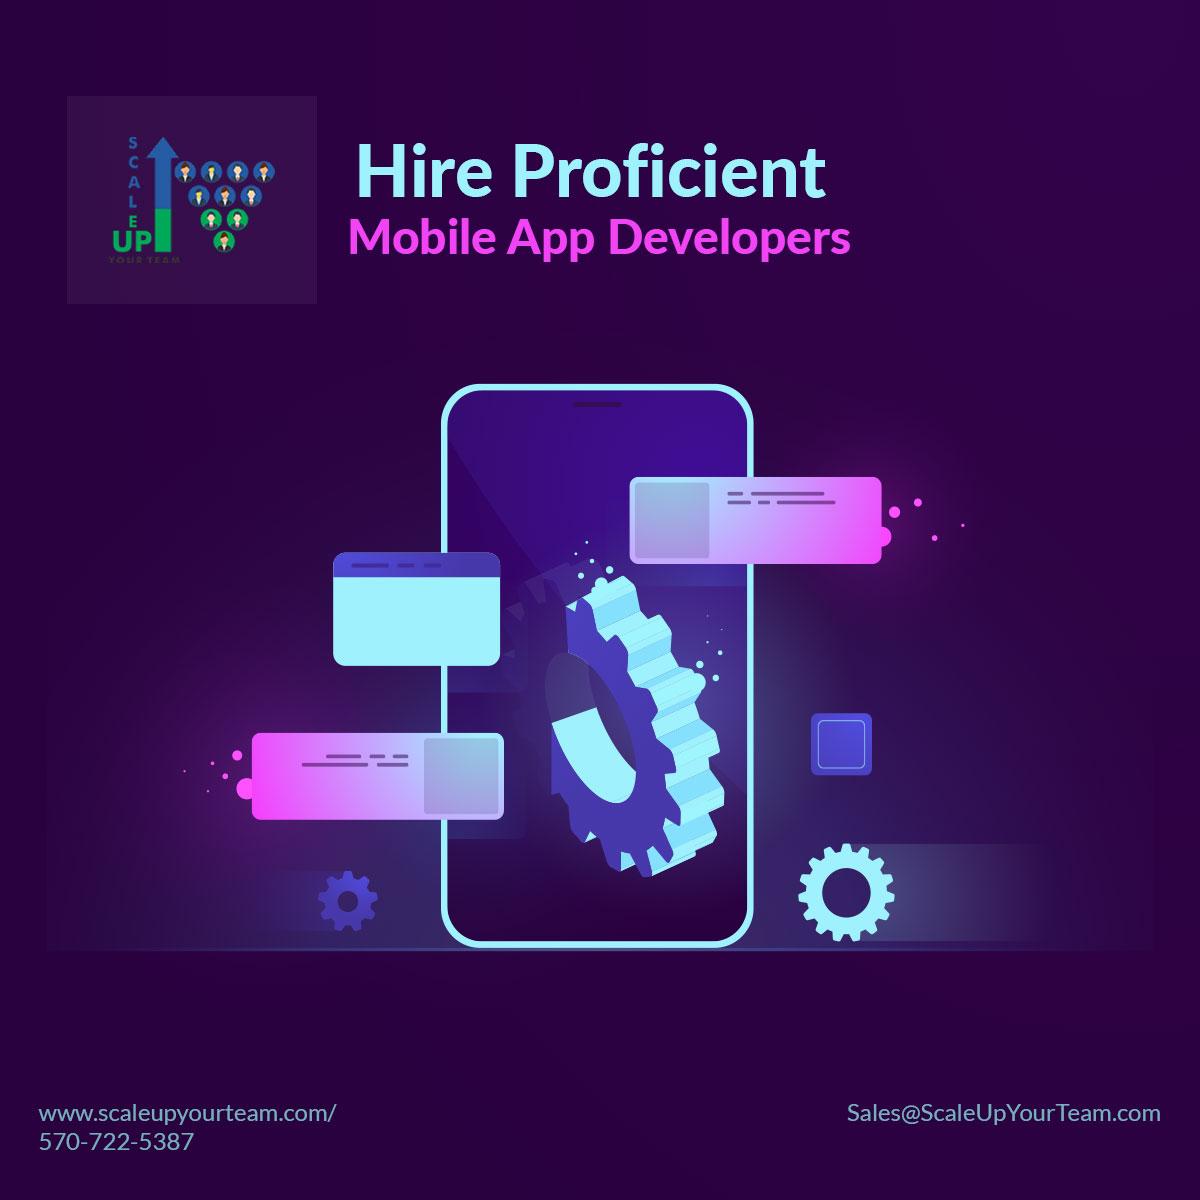 Hire Proficient Mobile App Developers